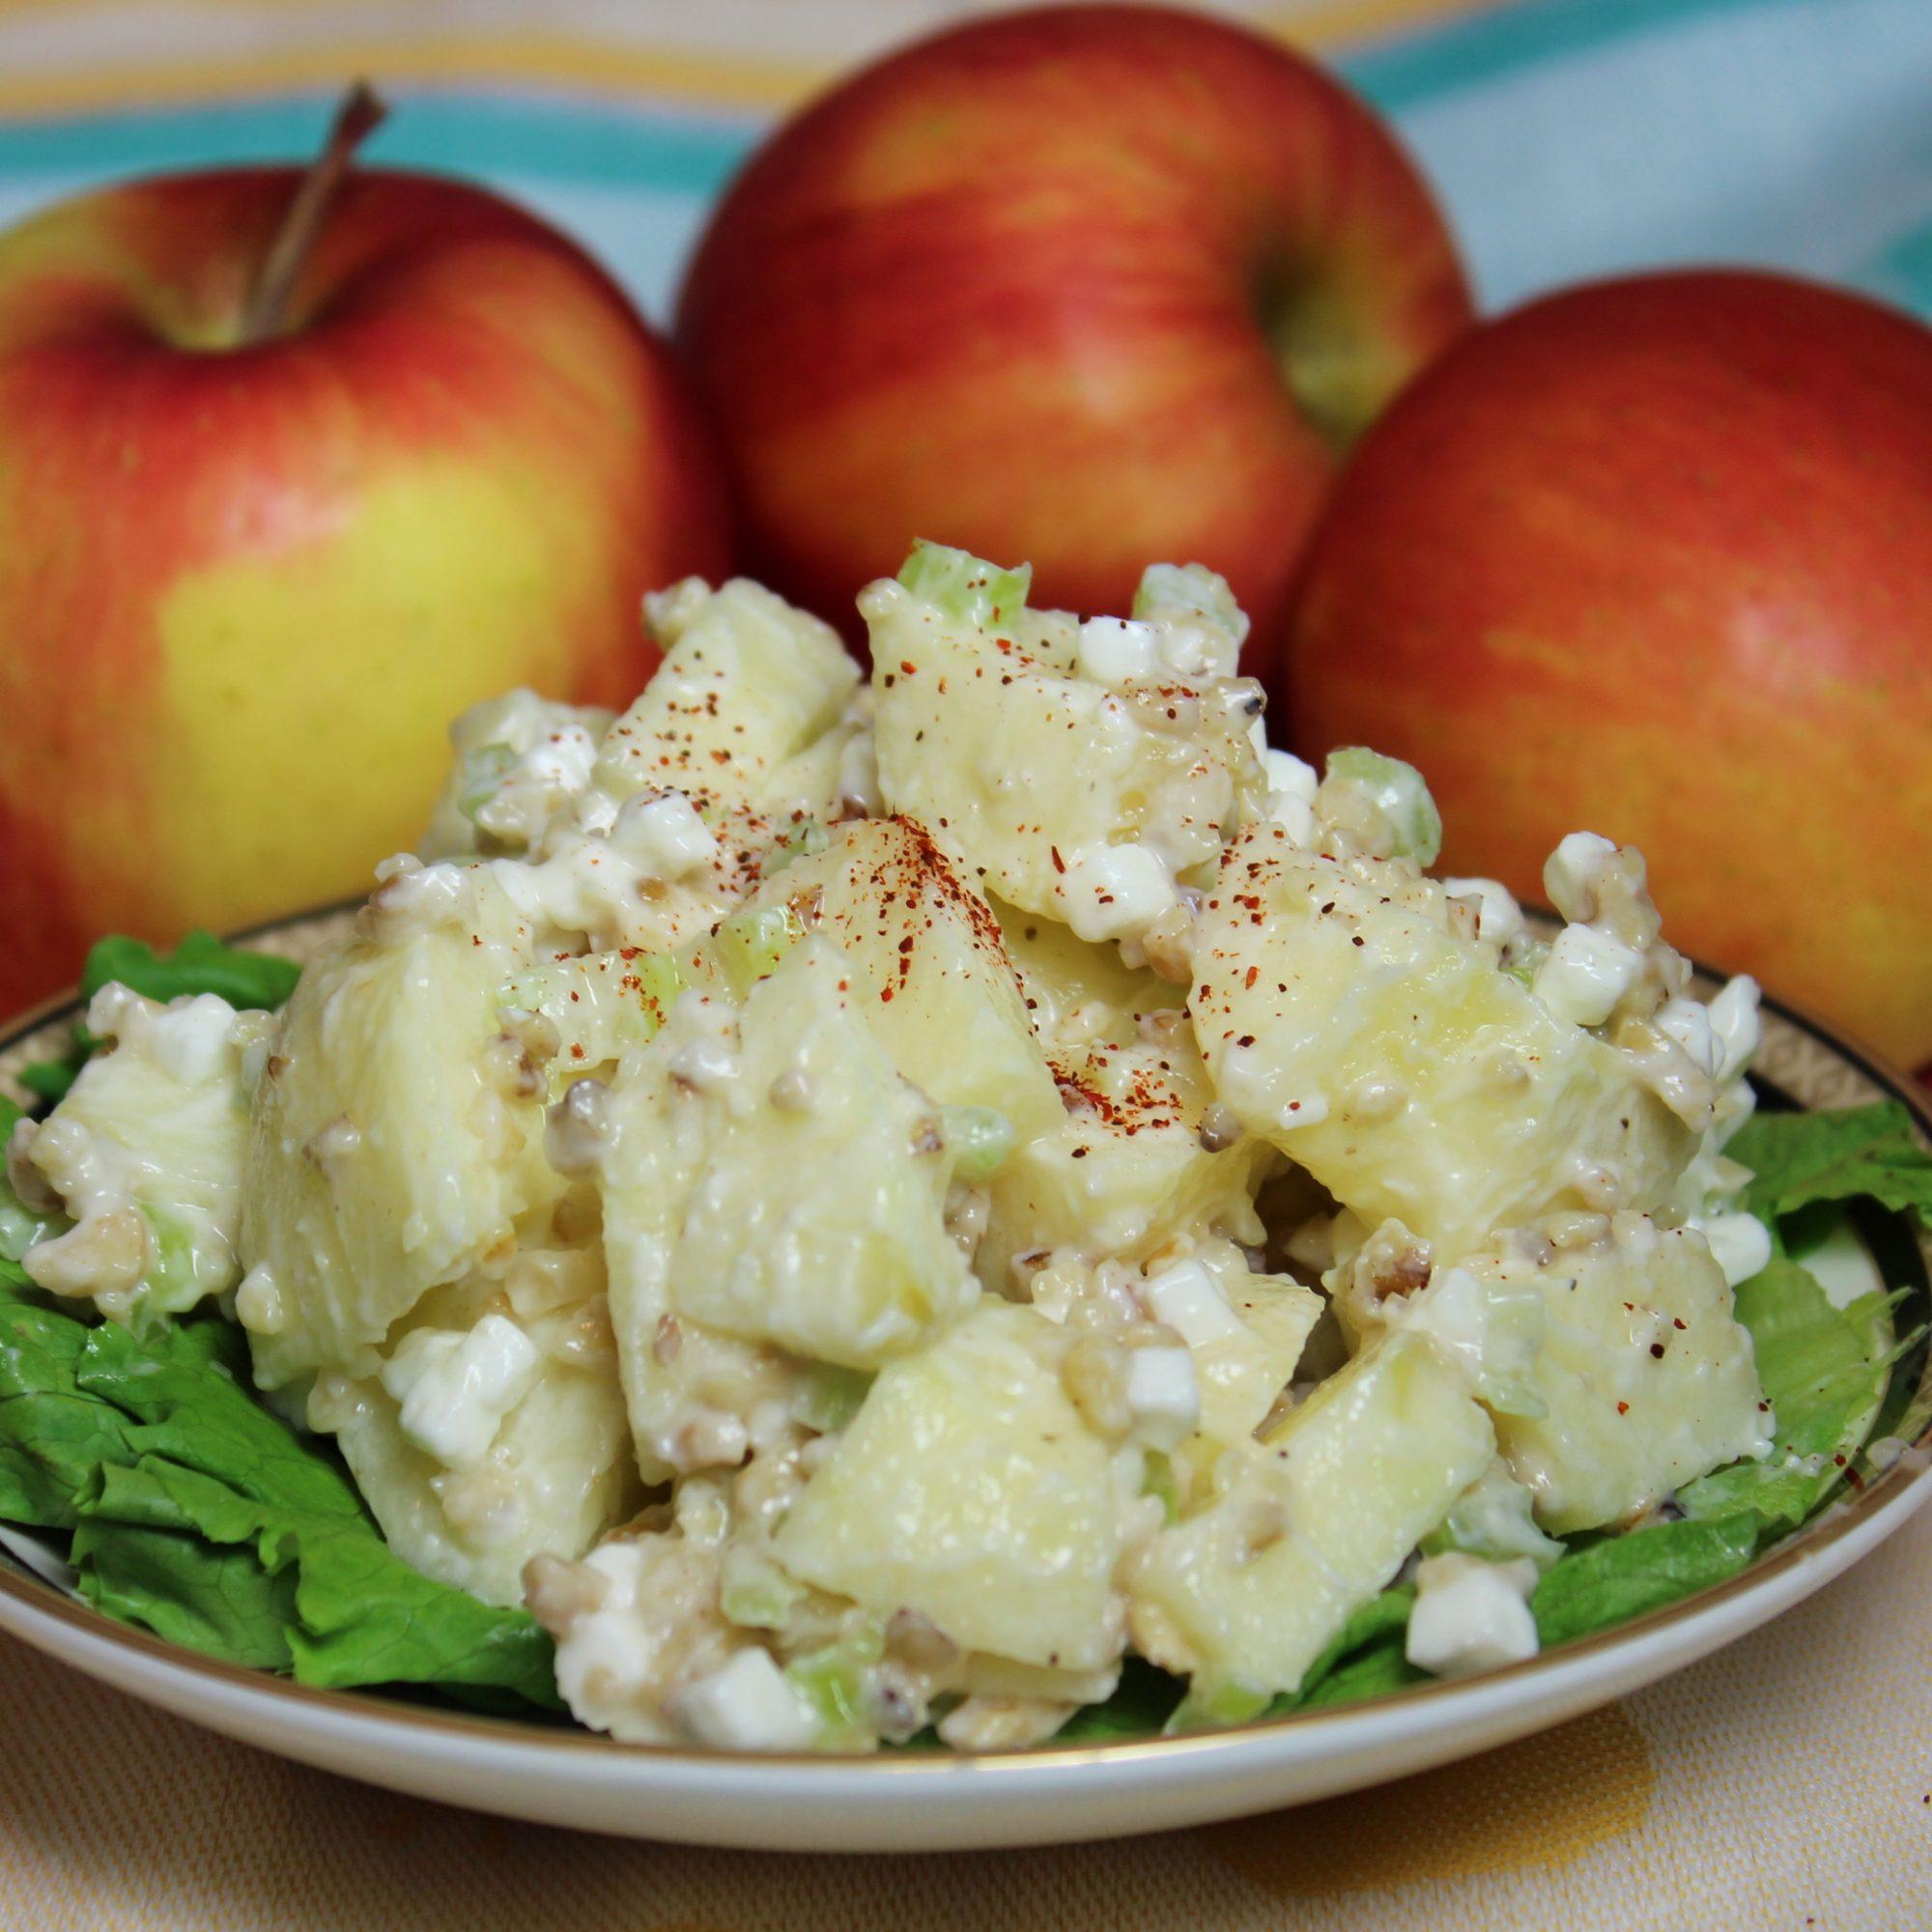 Ensalada de manzana con requesón